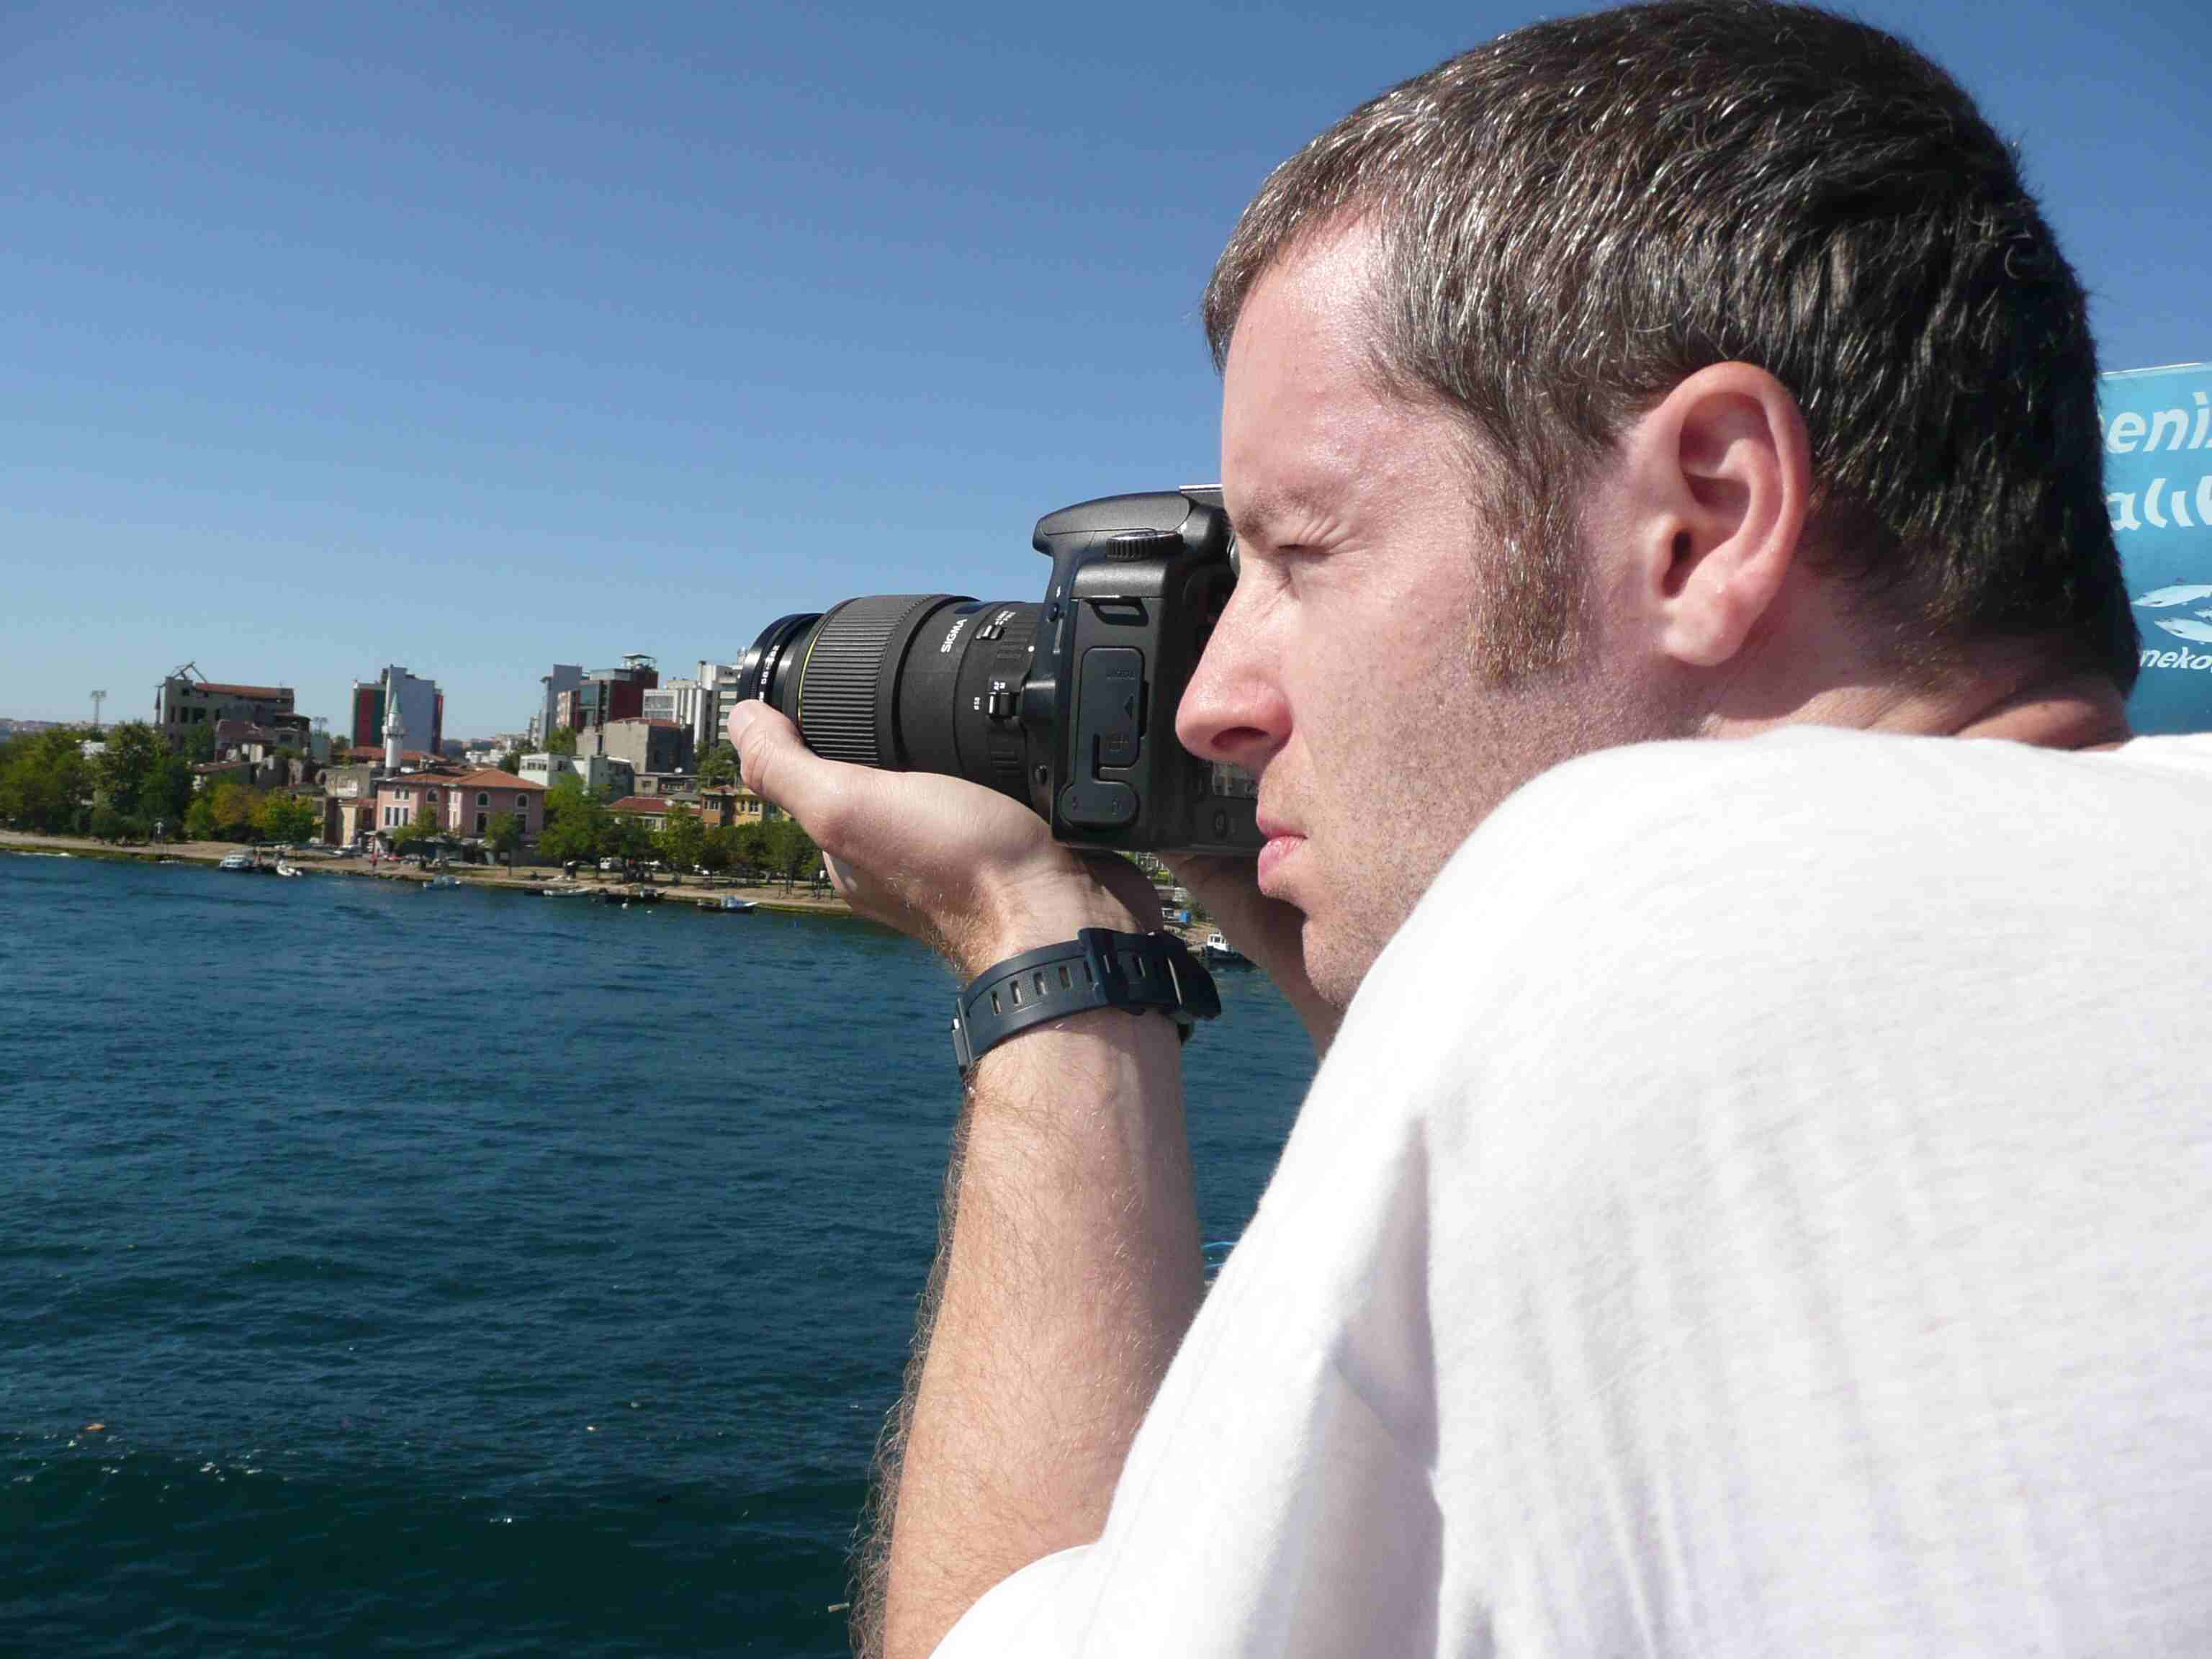 Svoje cesty se snaží Tomáš Libenský dokumentovat fotografiemi. Foto: Archiv Tomáše Libenského